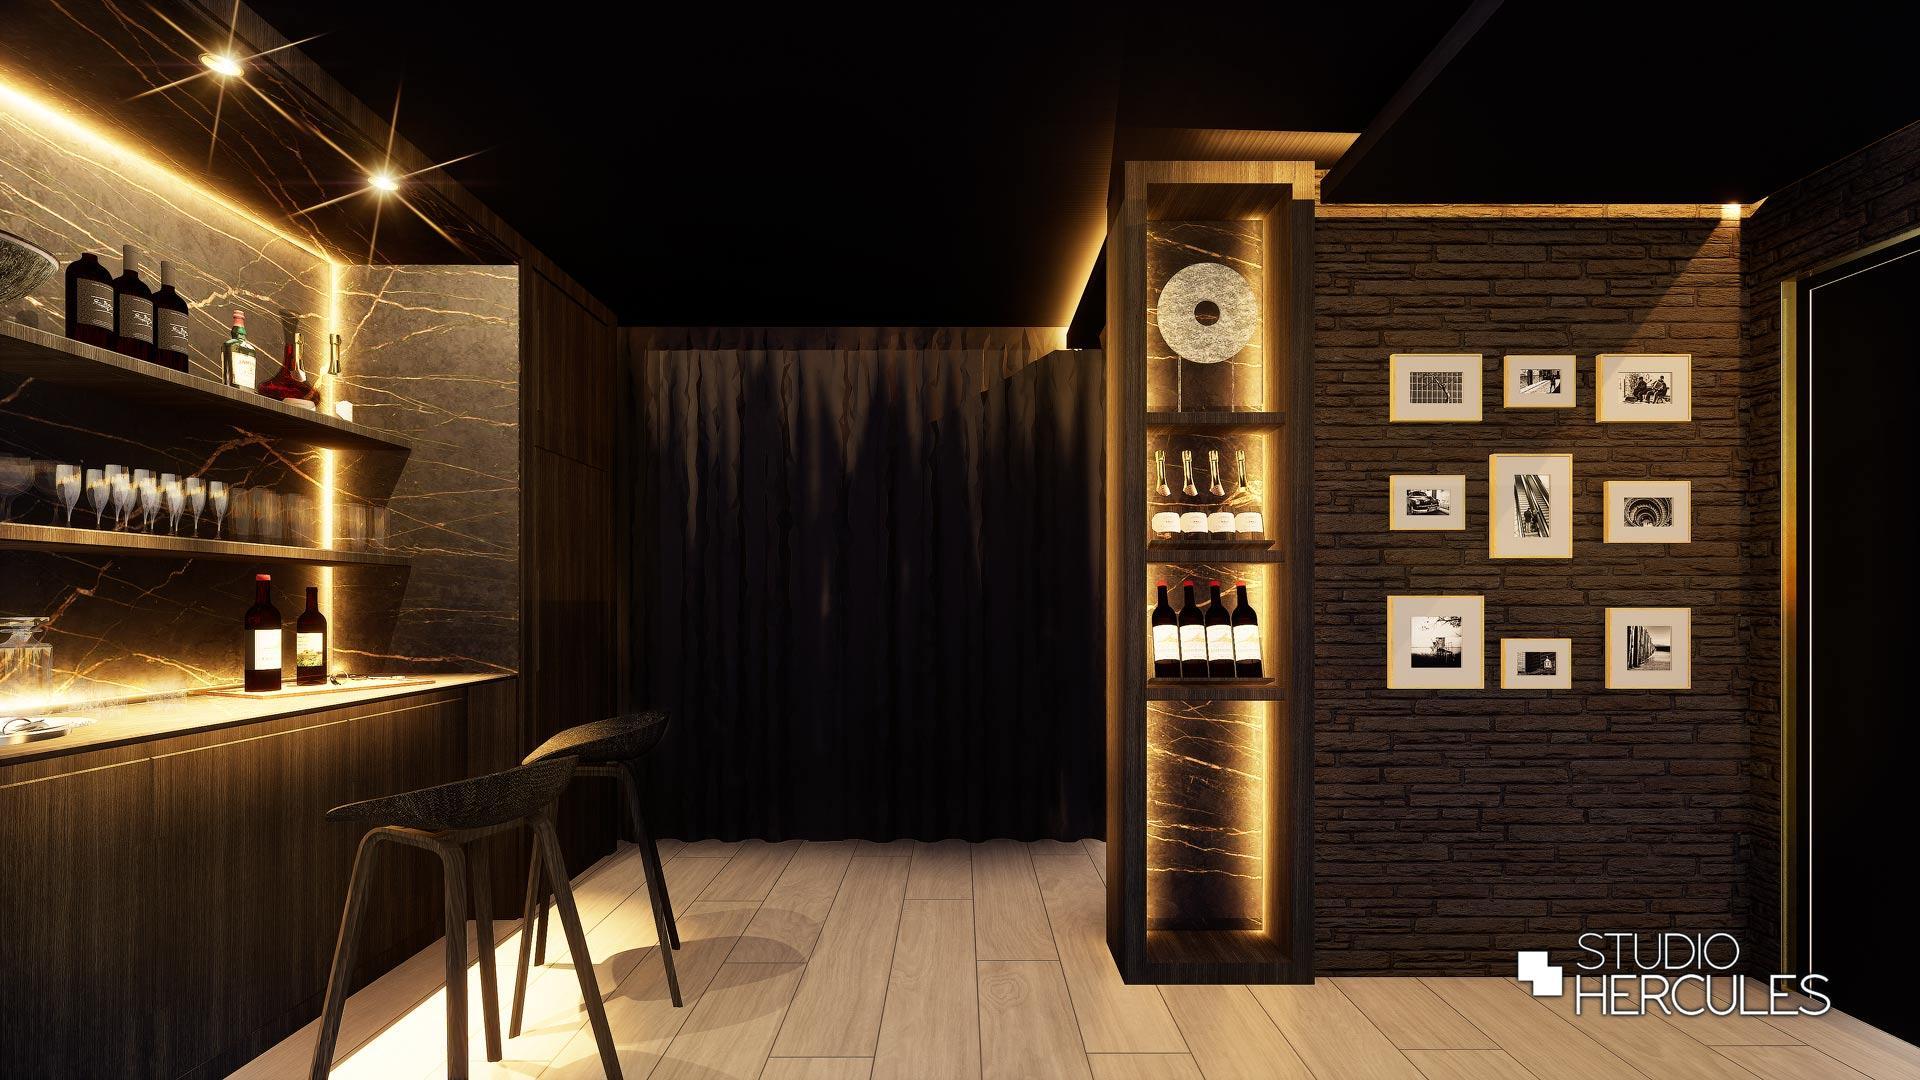 StudioHercules-thuisbioscoop-wijnkelder